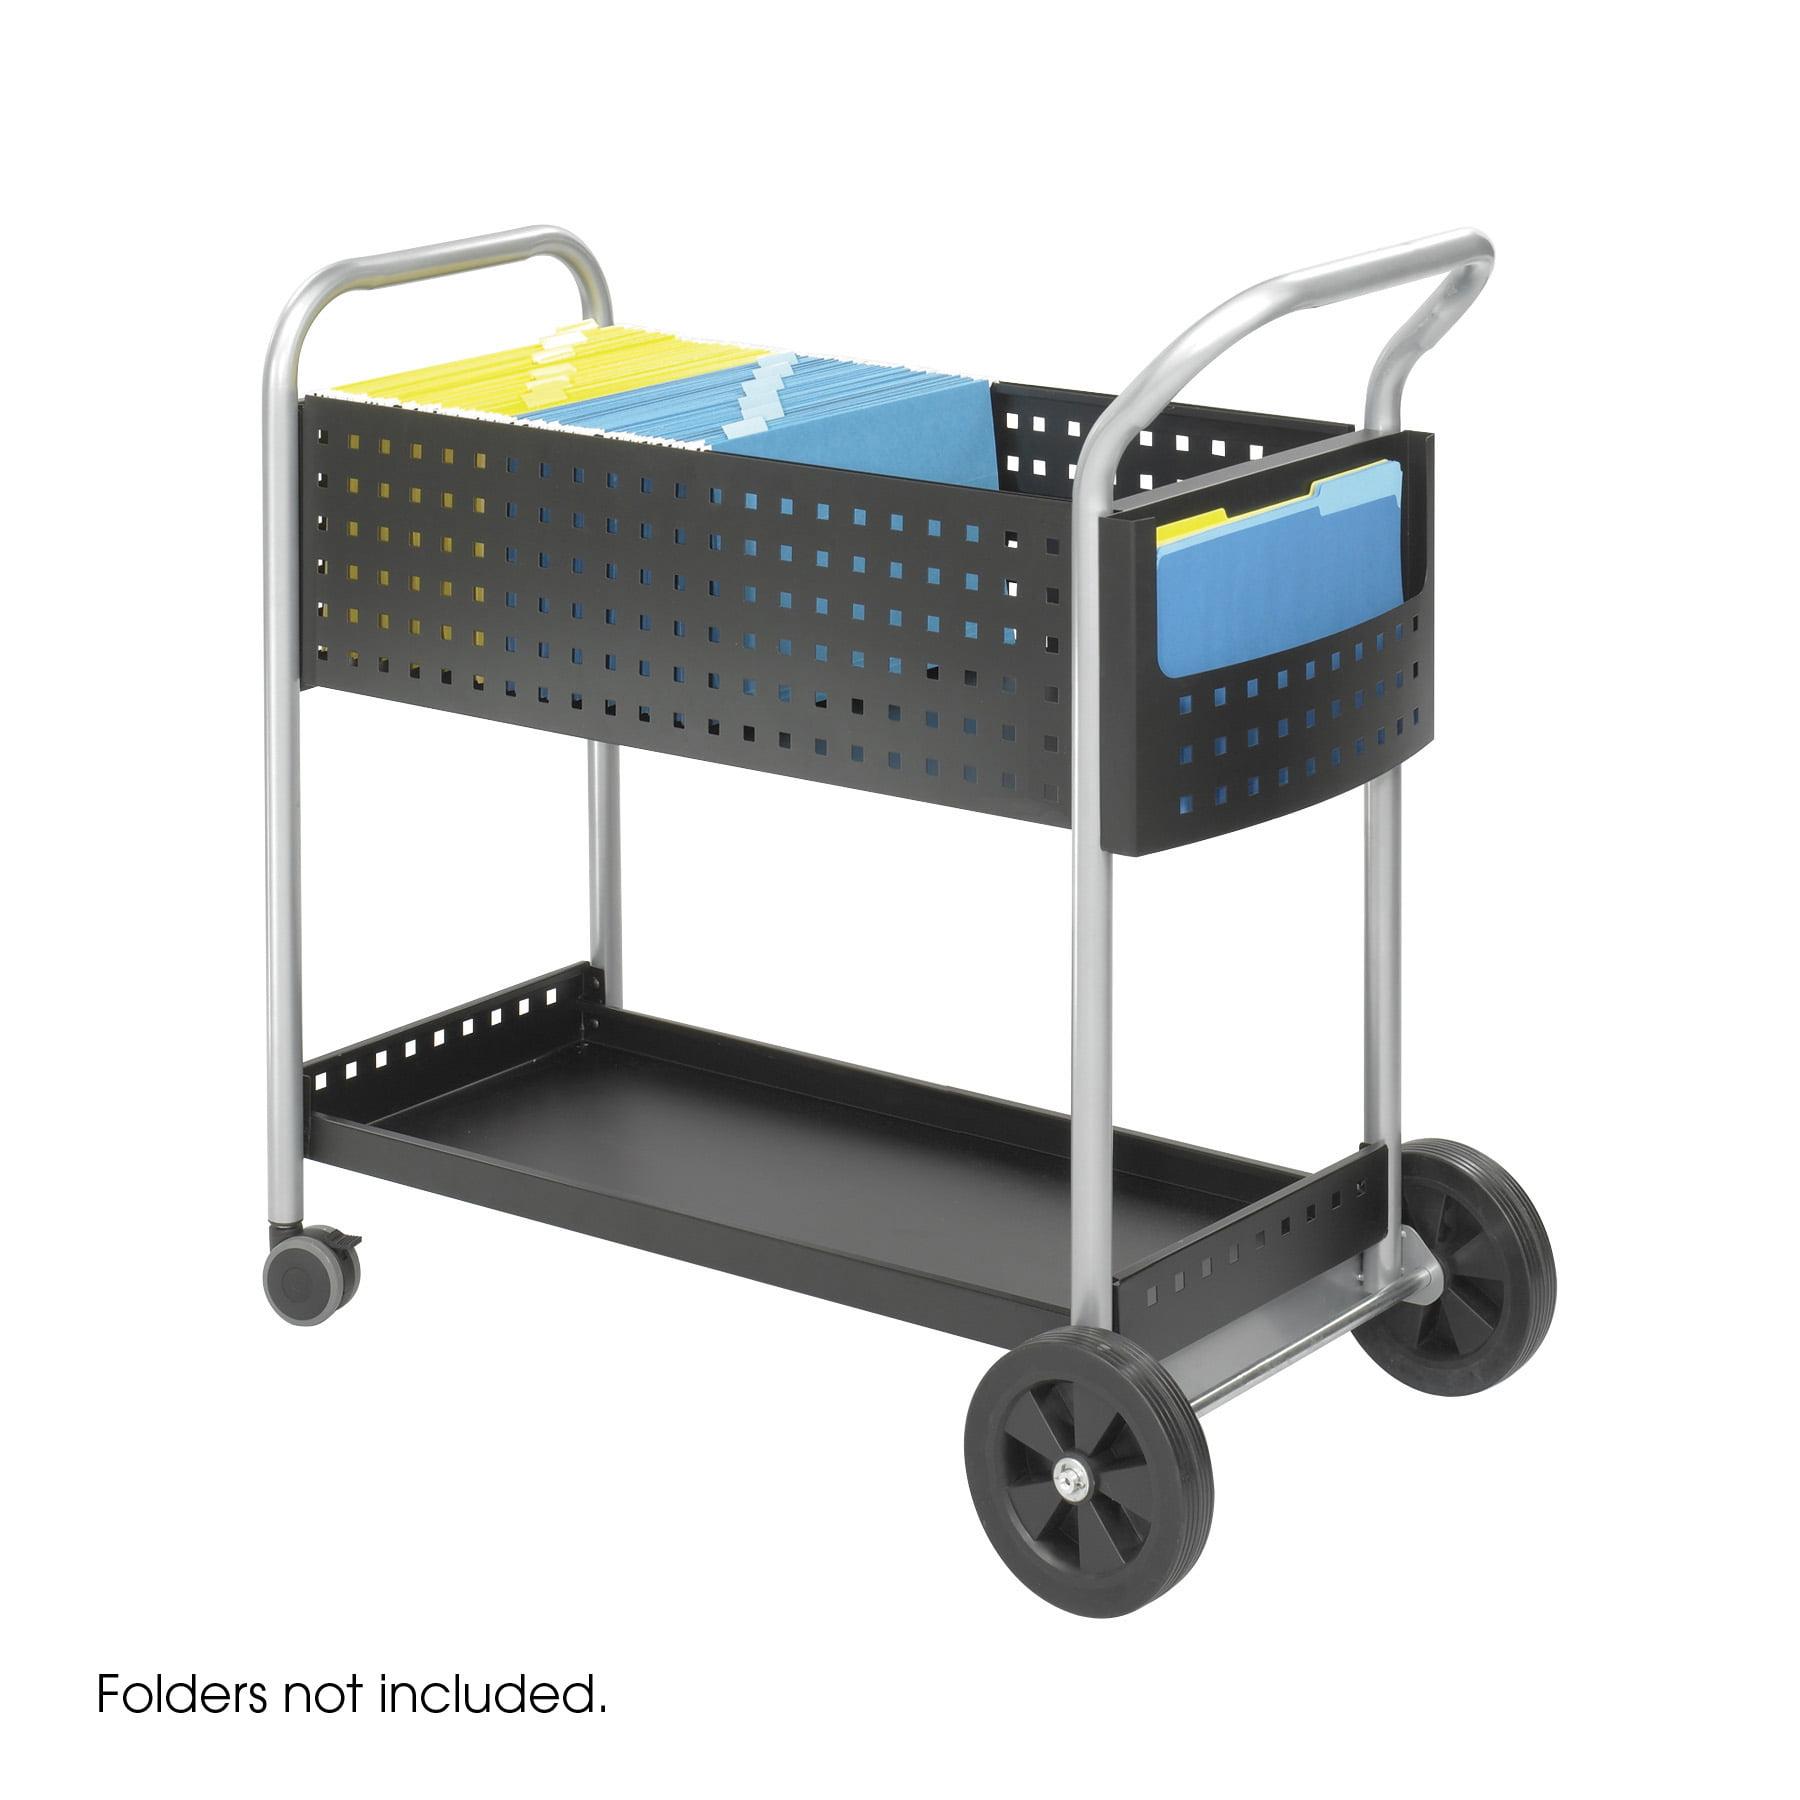 Lot of 3 Mobile steel handle & side pocket storage 20 Inch D Scoot Mail basket wheel Cart-5239BL